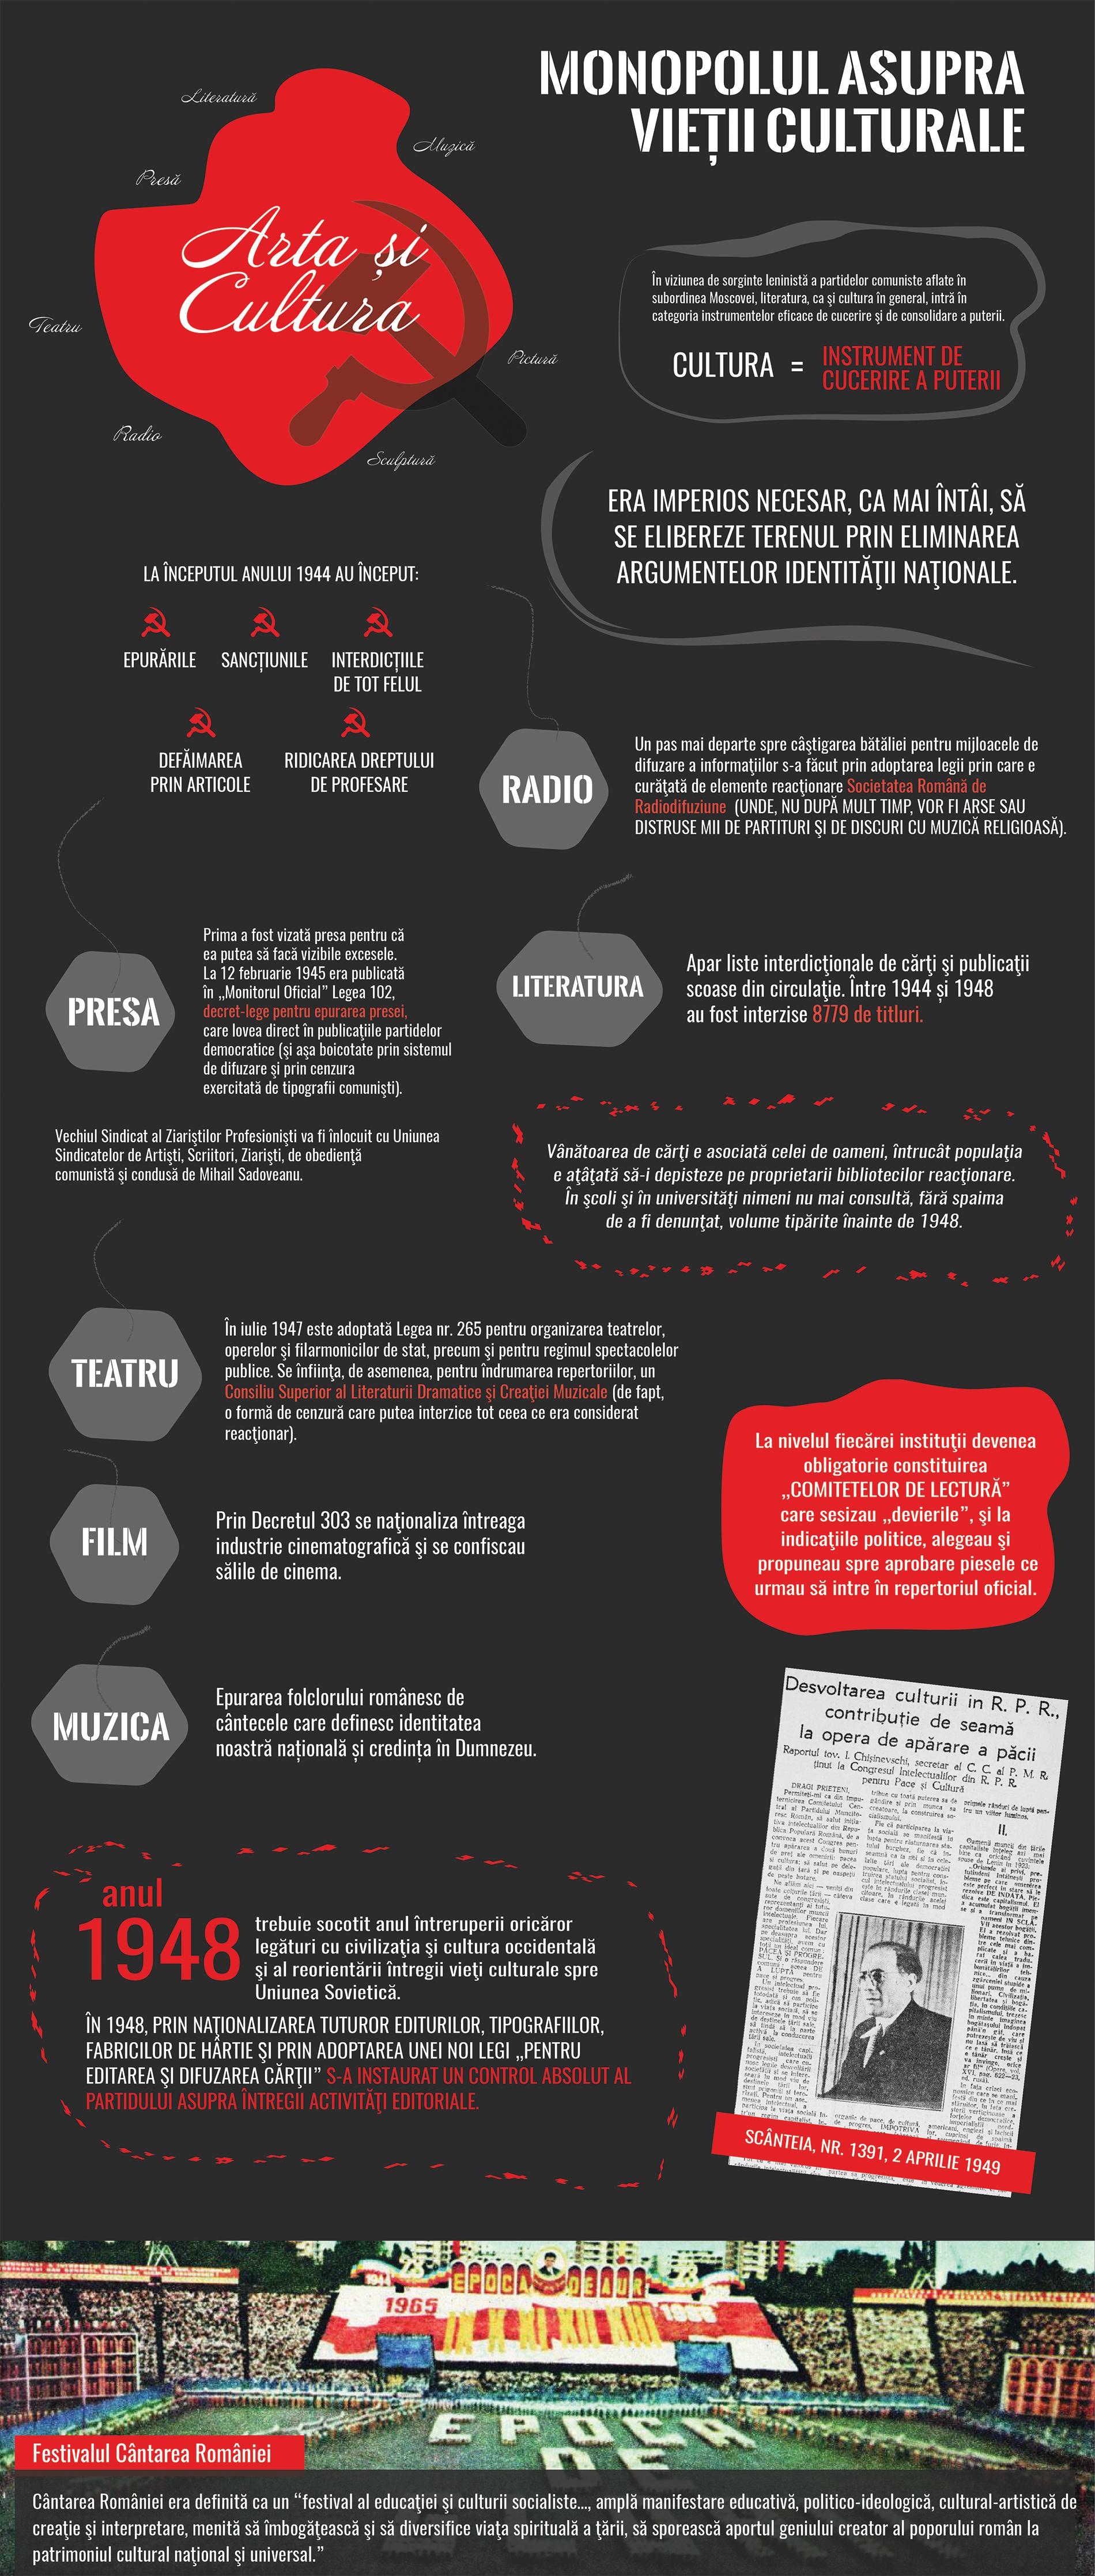 Monopolul asupra vieții culturale  - Bannerul 15 - Caravana Eroilor